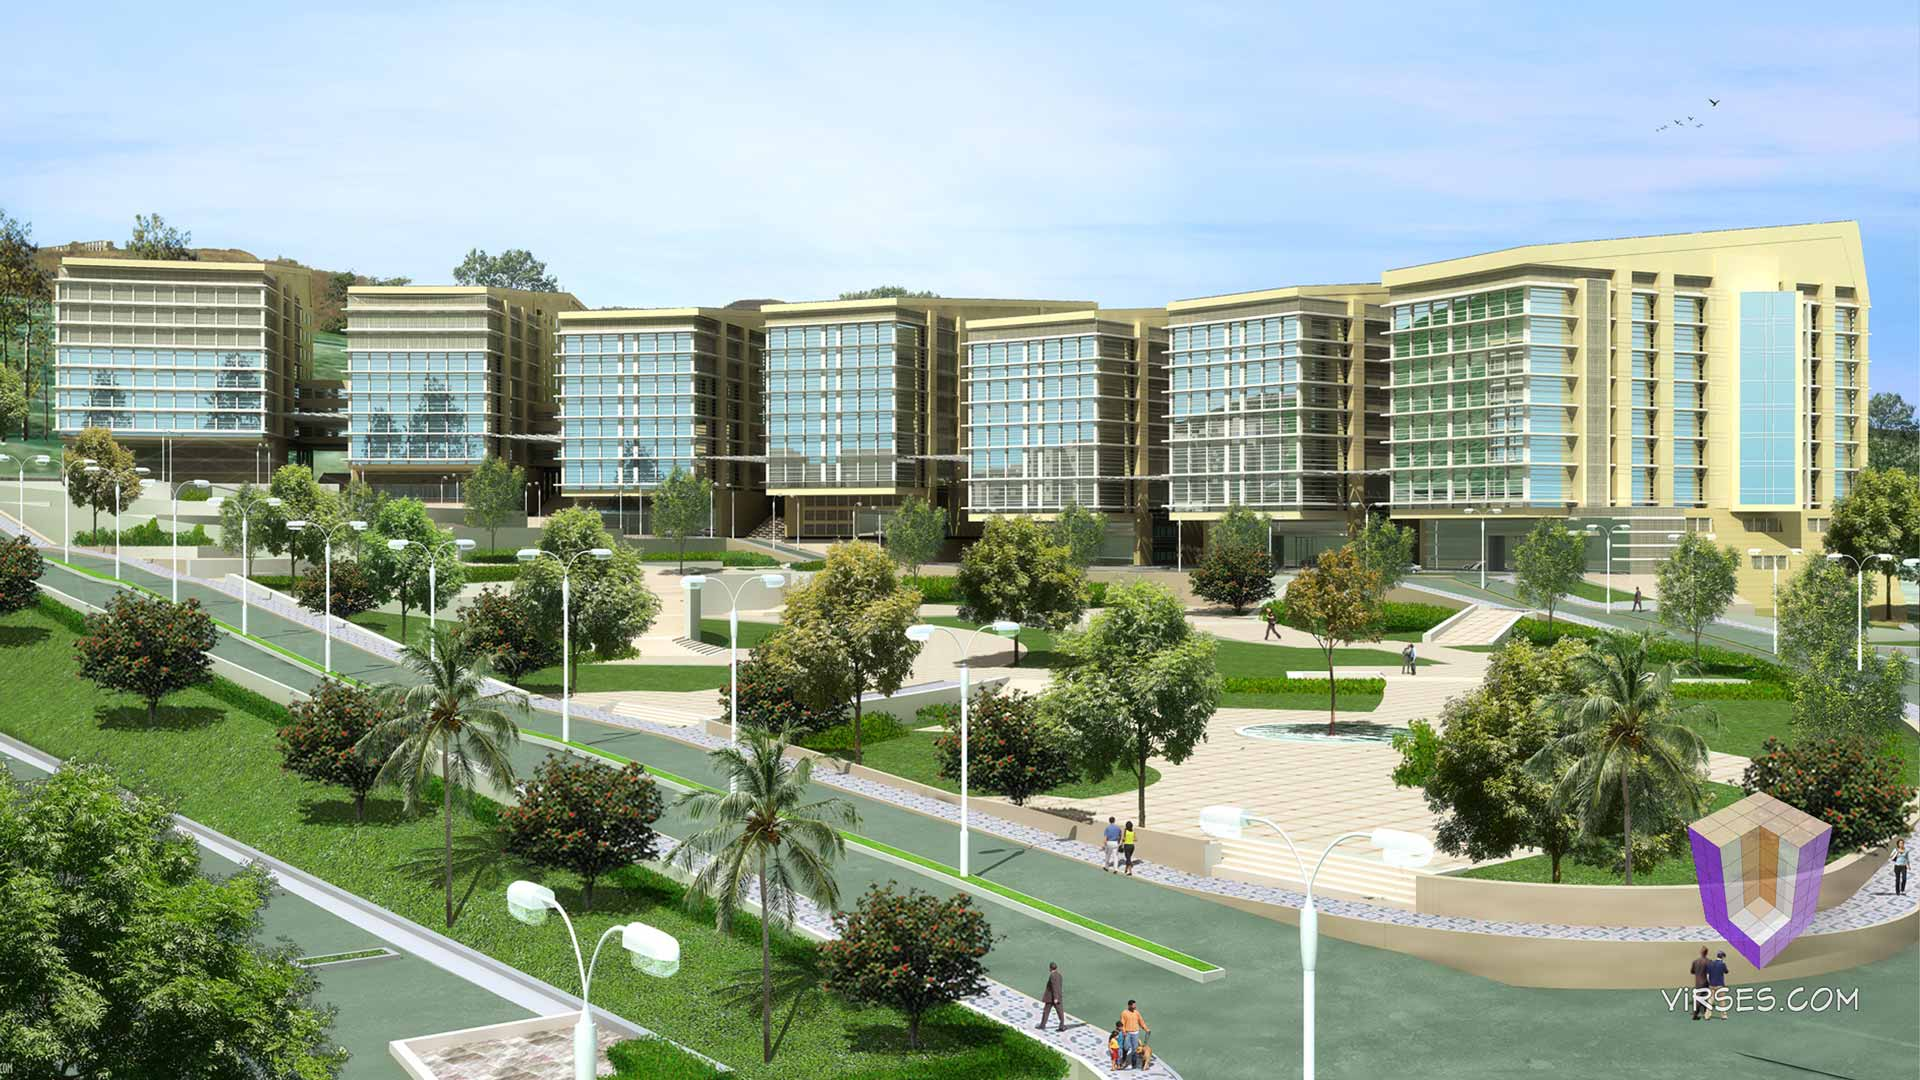 hospital & healthcare 3d renderings